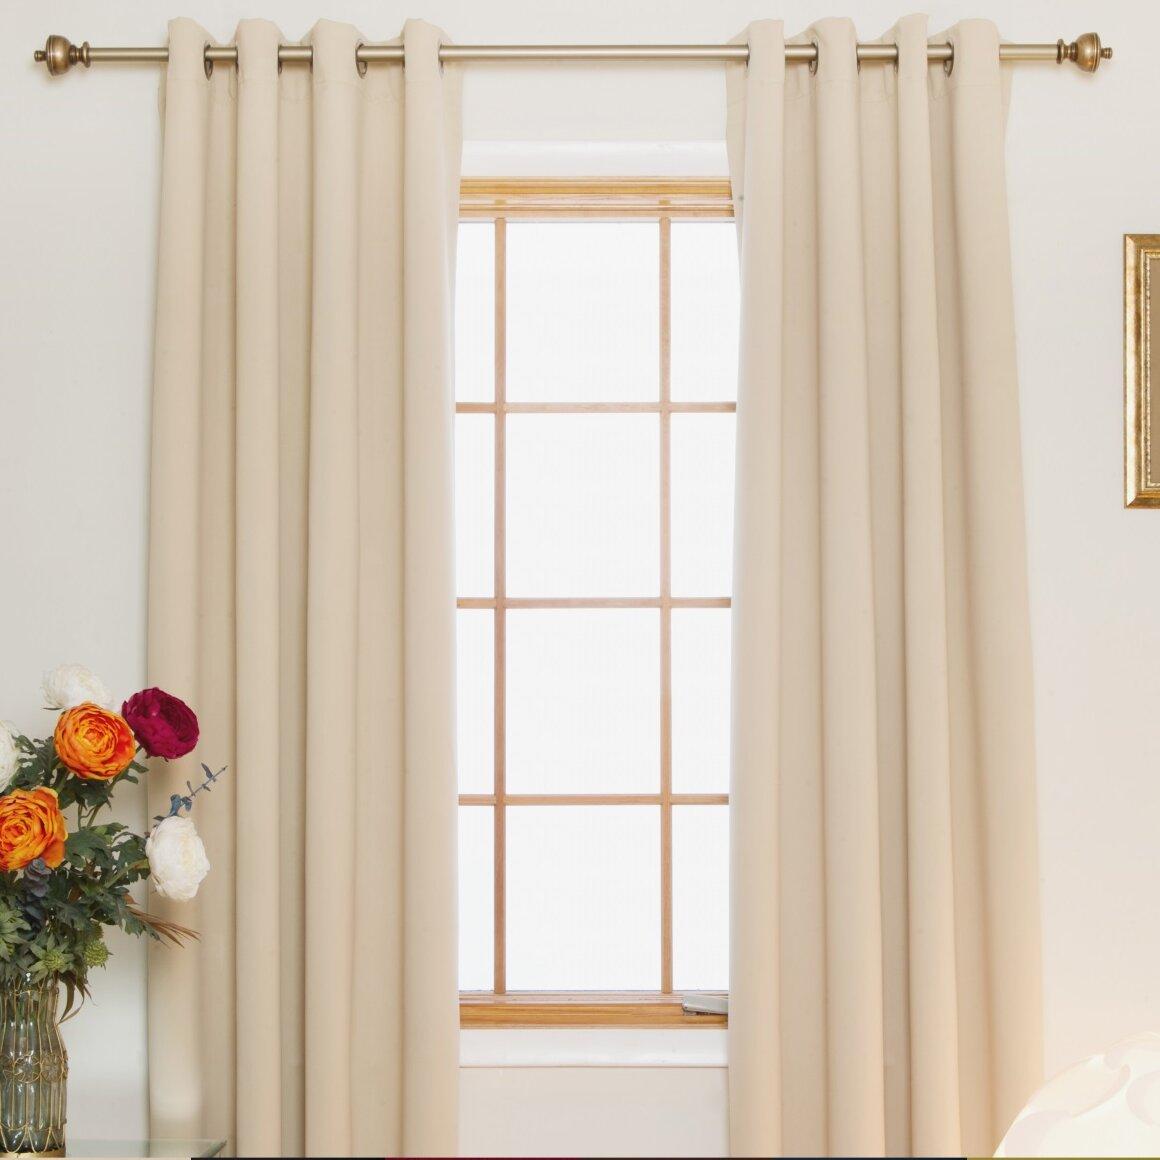 Blackout Curtain Room Darkening Nickel Grommet Top Thermal